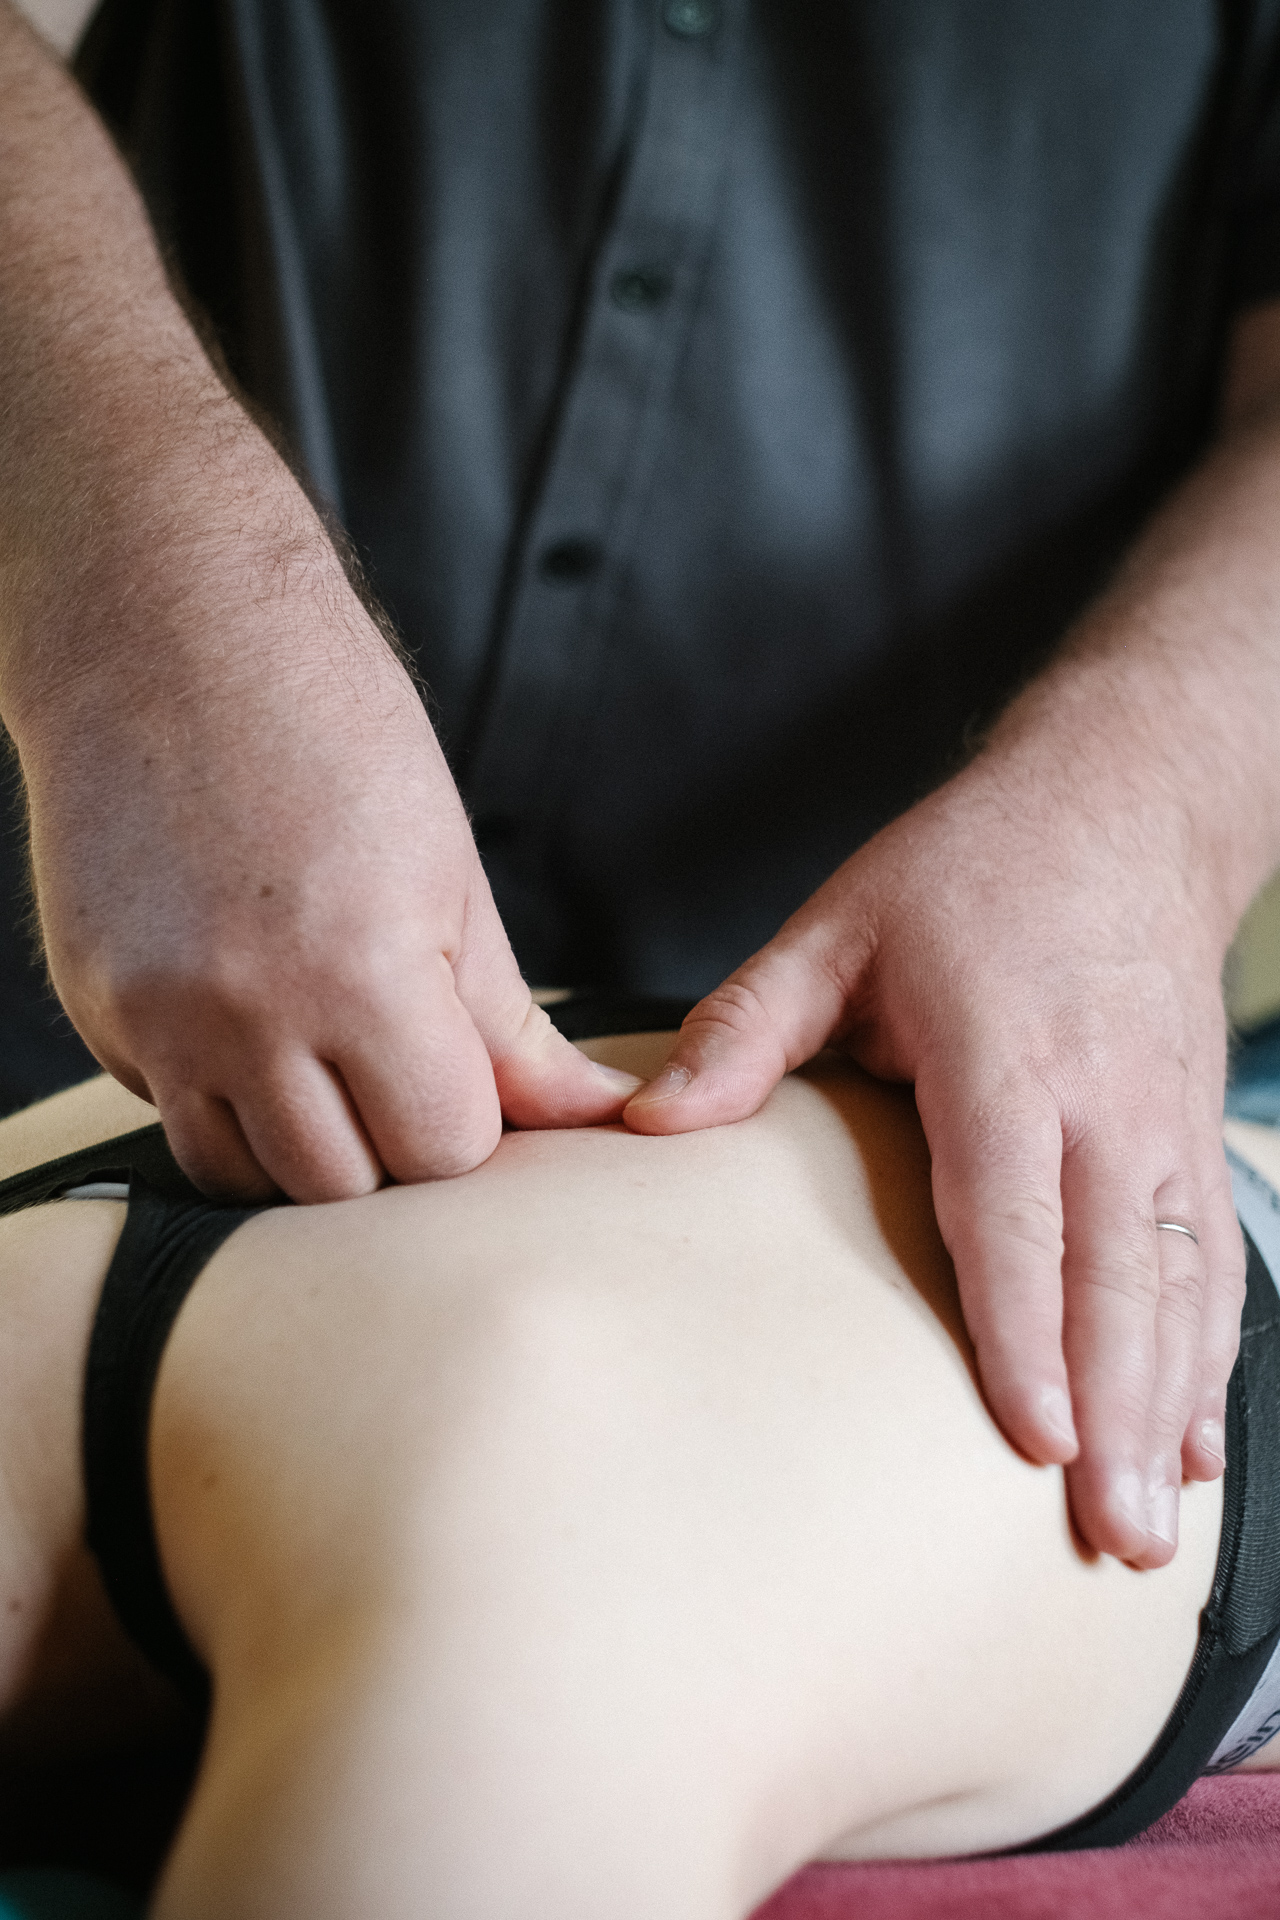 Ganzheitliche Physiotherapie in der Anwendung - 03